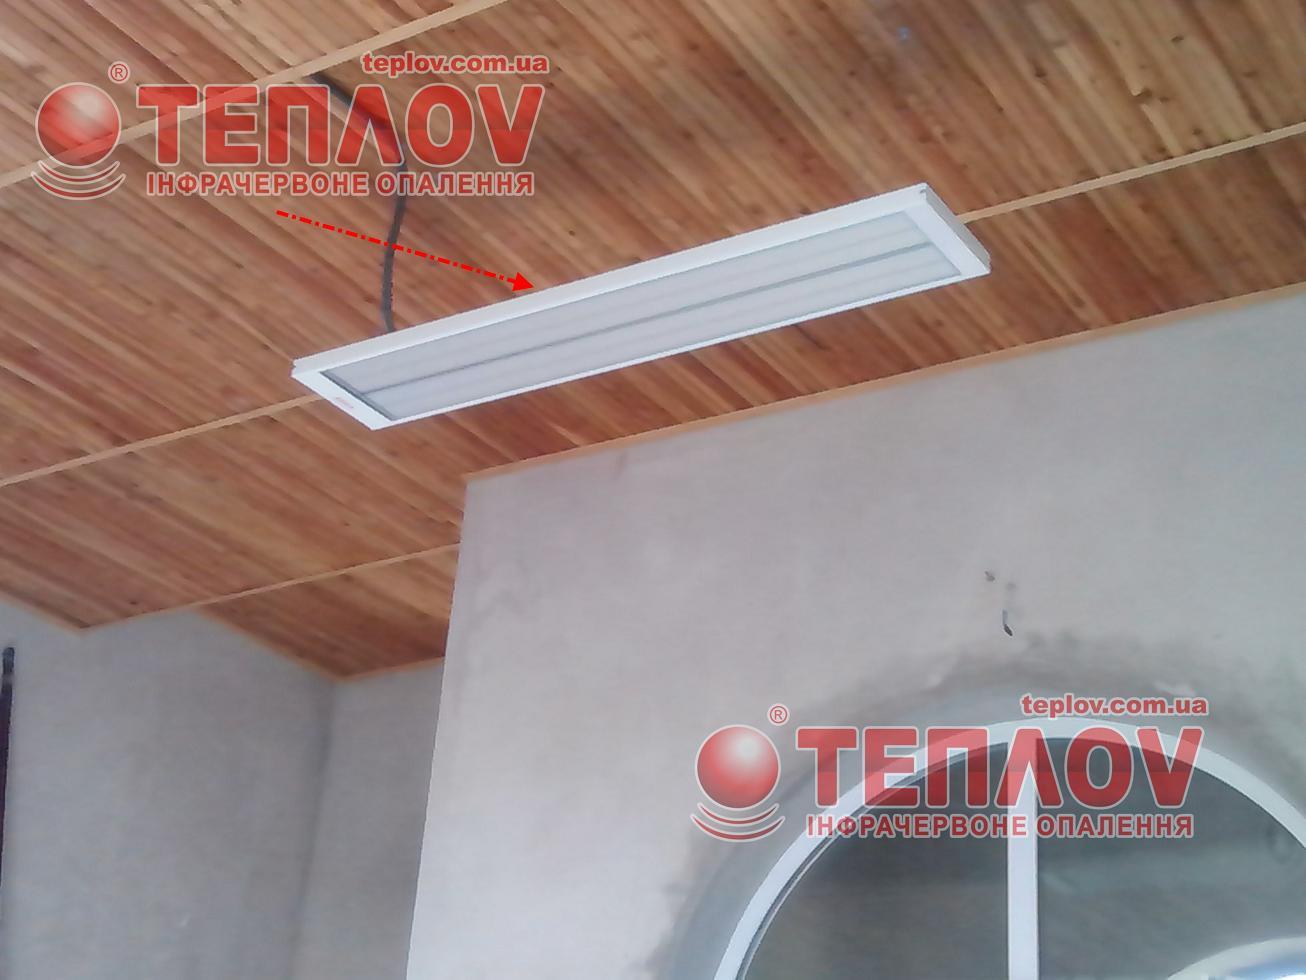 для электрического отопления храма применяют потолочные панели